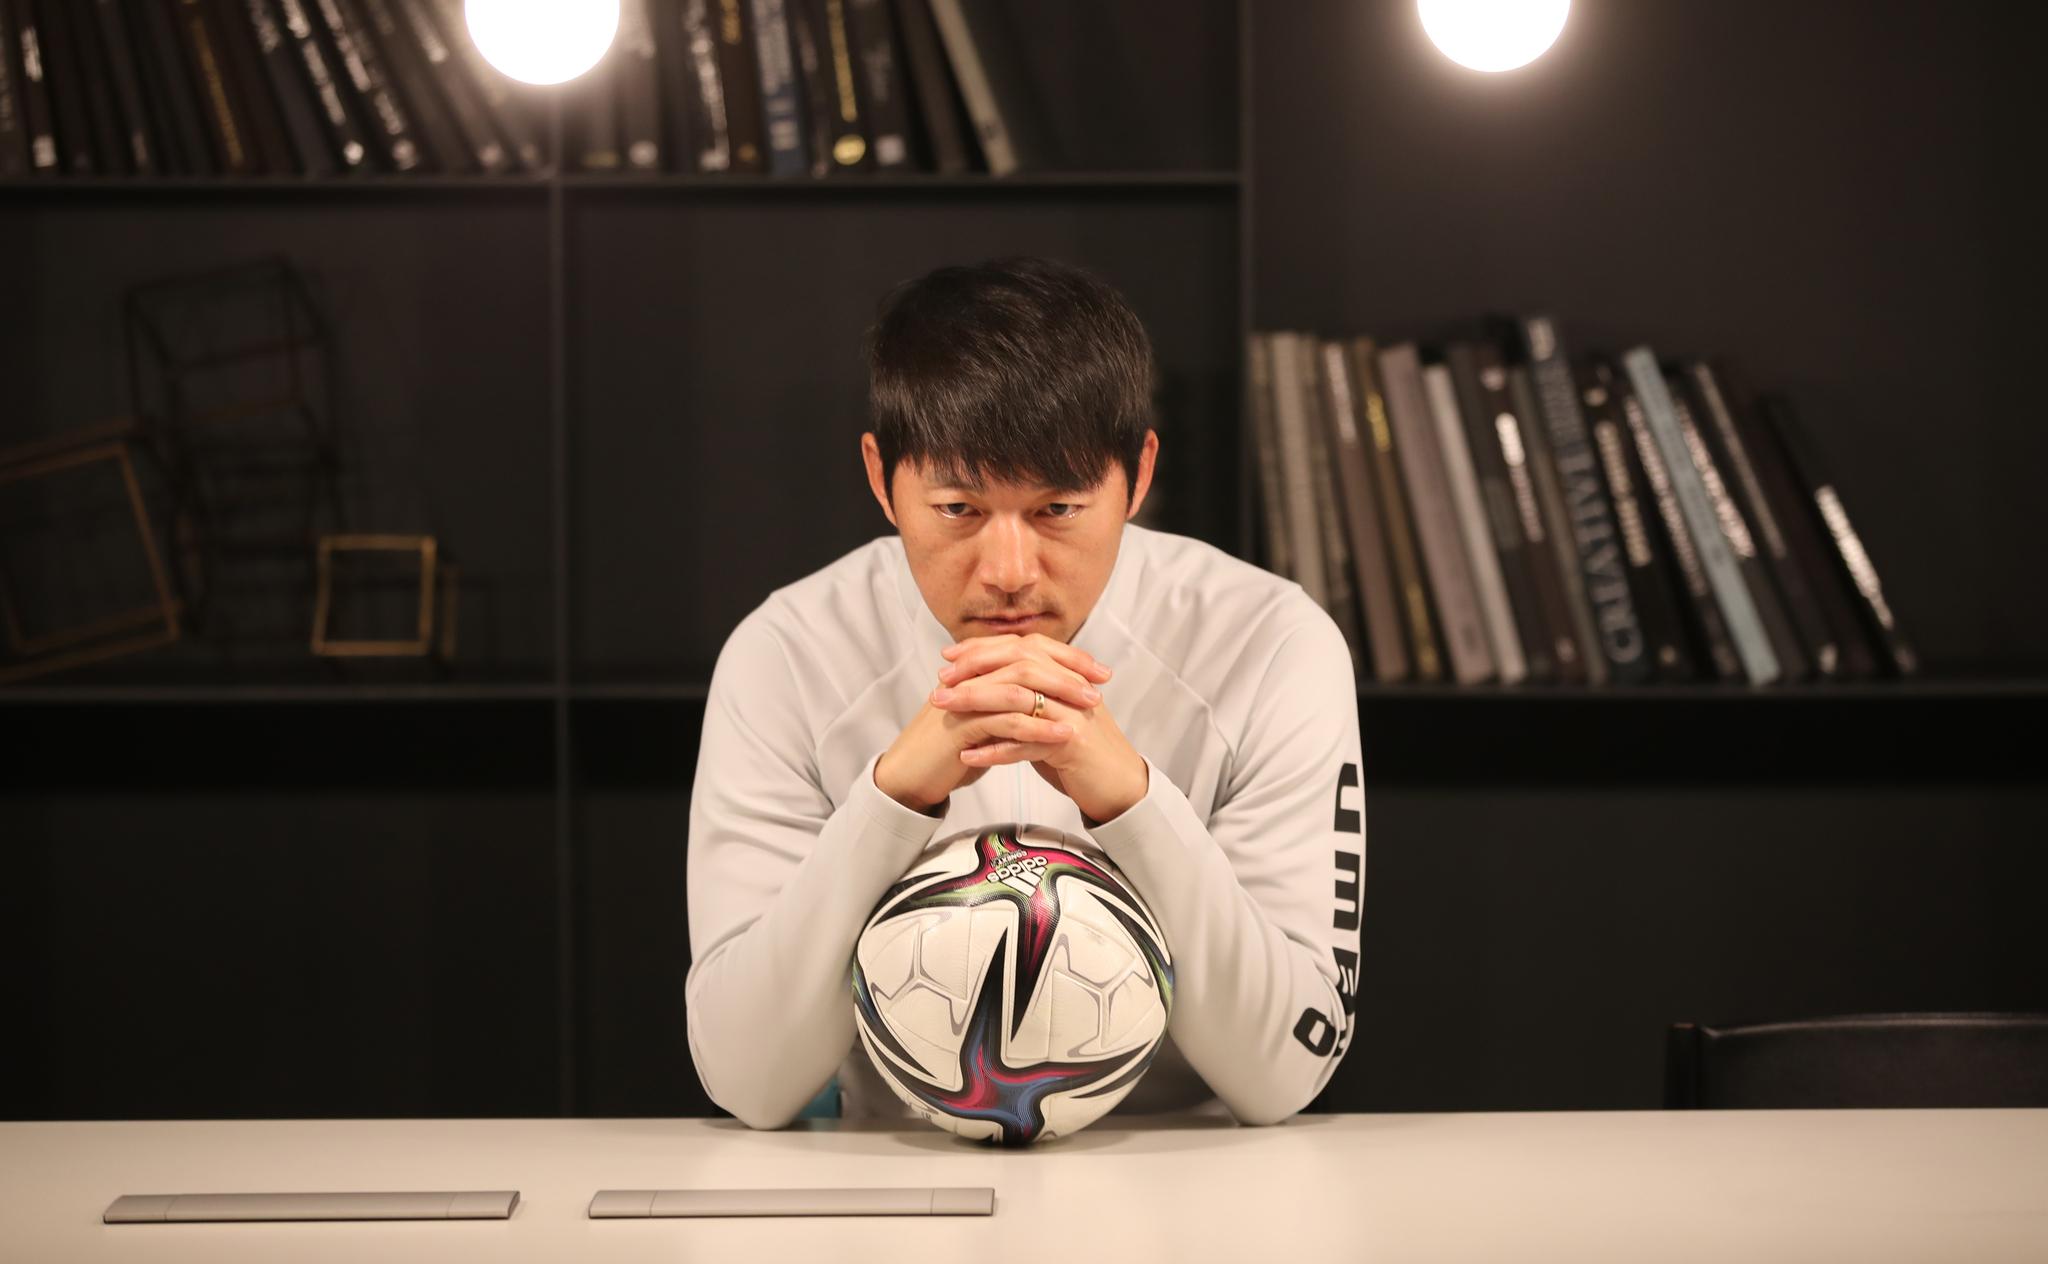 프로축구 사령탑 2년 차를 맞은 김남일 성남 감독은 세밀한 축구로 올 시즌 K리그 판도를 뒤흔들겠다는 각오다. 송봉근 기자